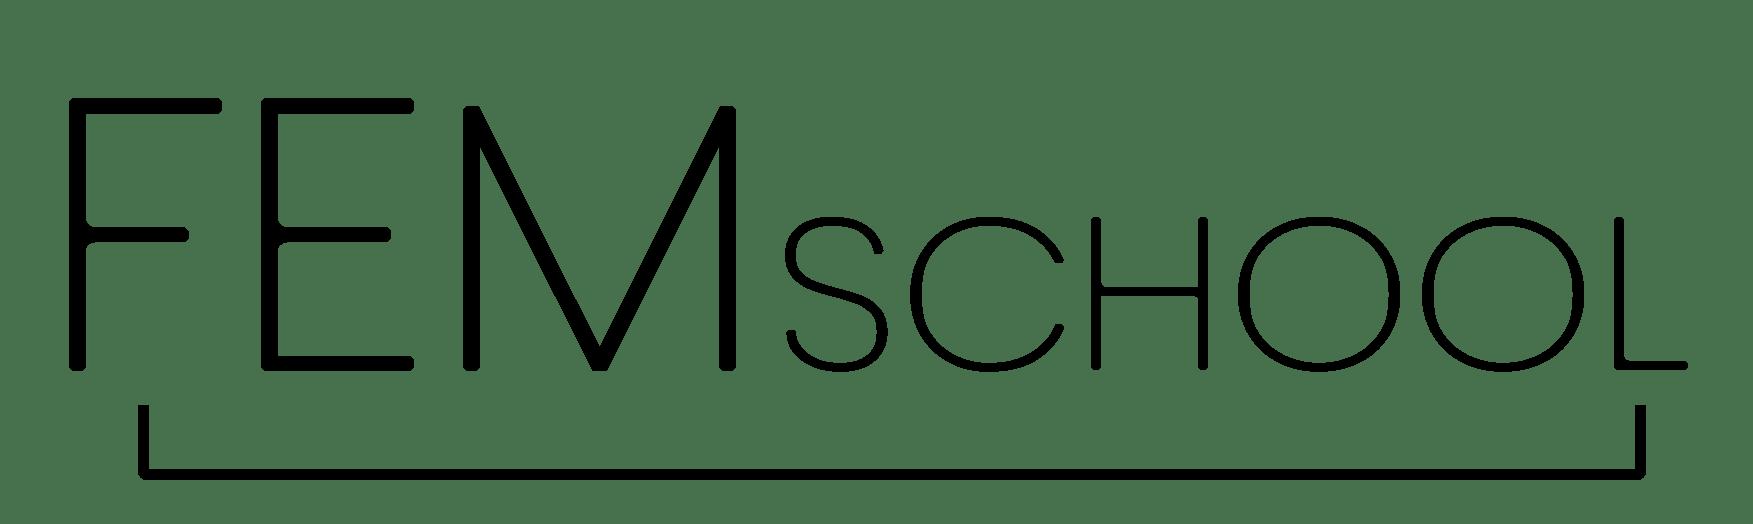 FEMschool_Logo